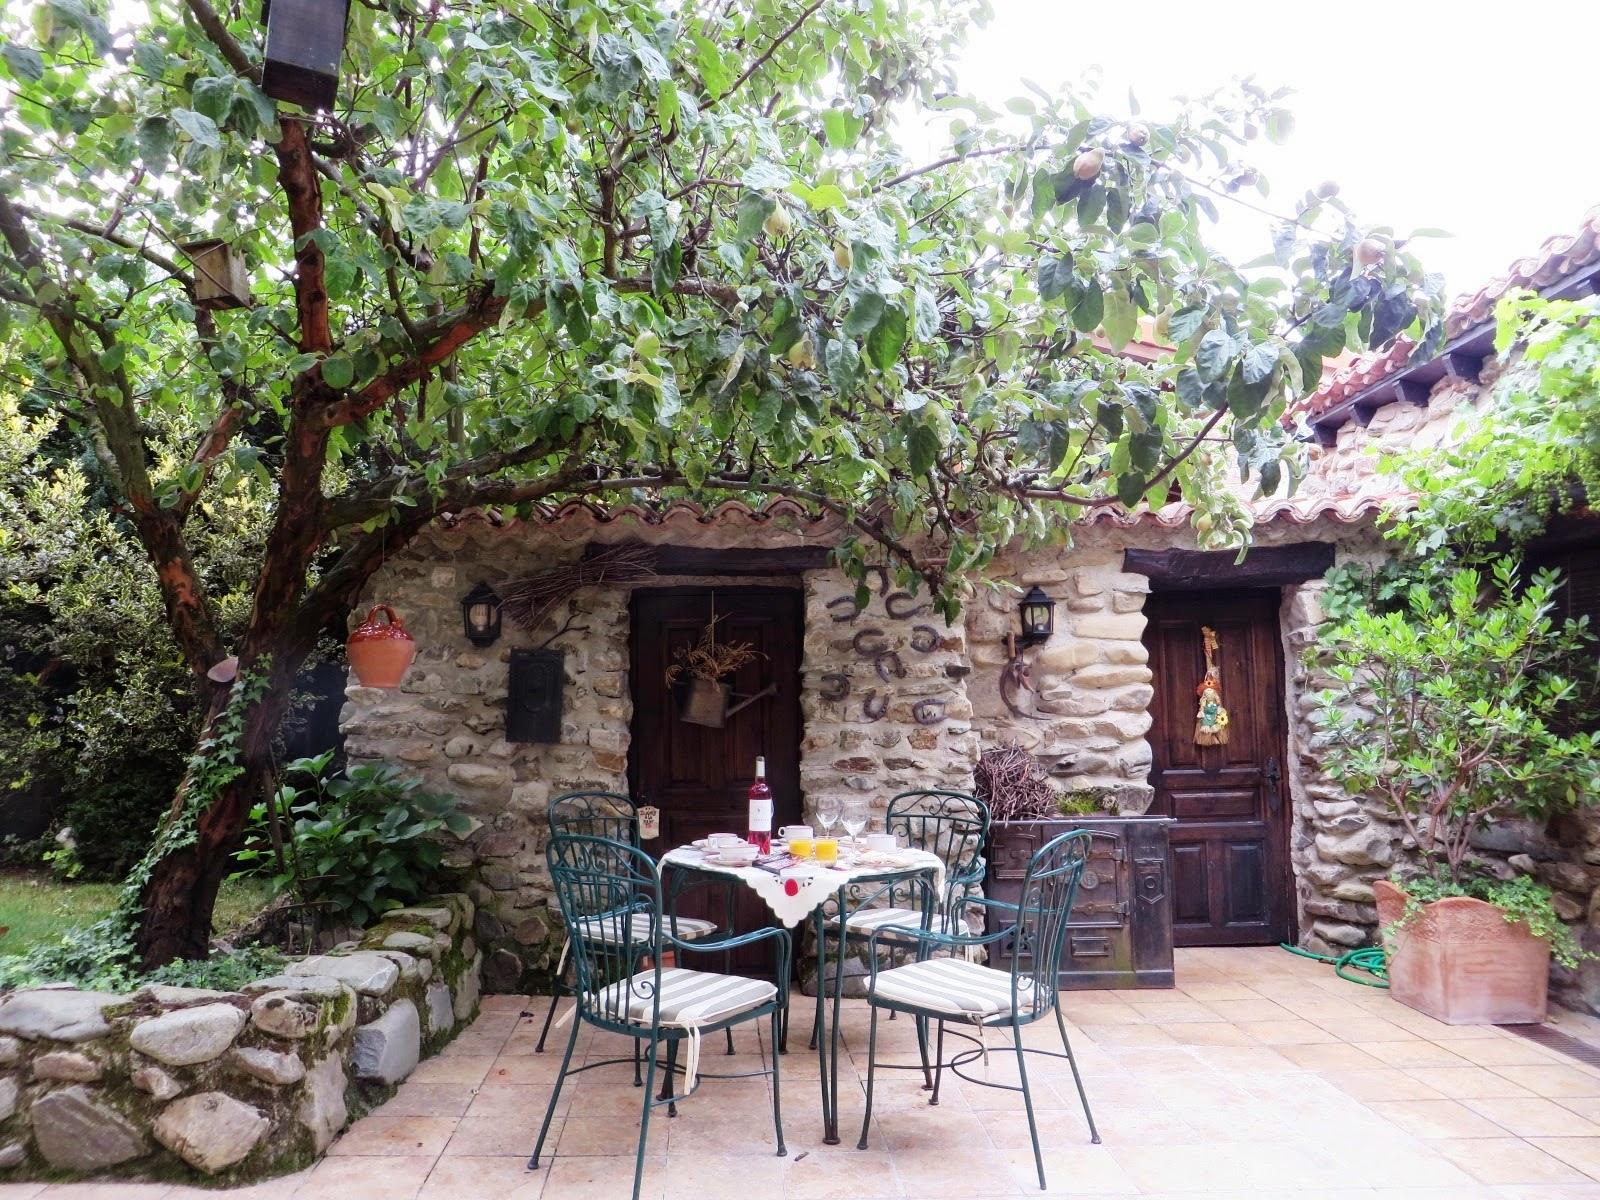 Urbina vinos blog alojamiento con encanto casa rural r o zambull n la rioja - Casas rurales con encanto madrid ...